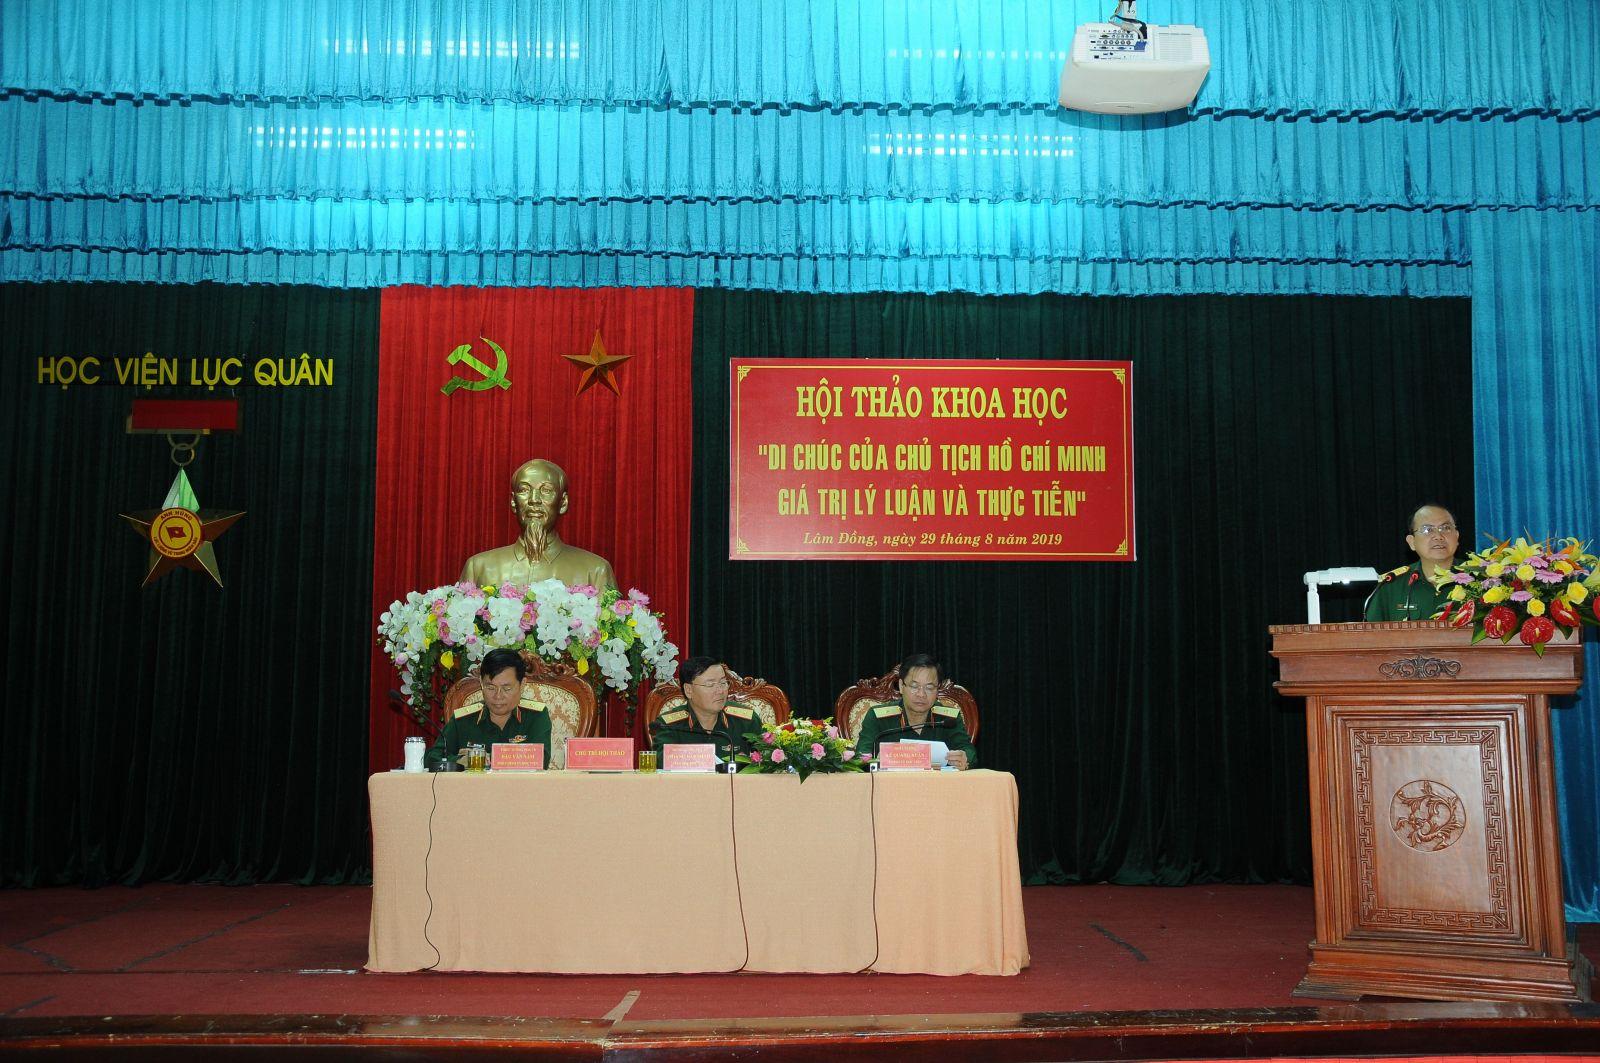 """Học viện Lục quân tổ chức Hội thảo khoa học """"Di chúc của Chủ tịch Hồ Chí Minh - giá lý luận và thực tiễn"""""""